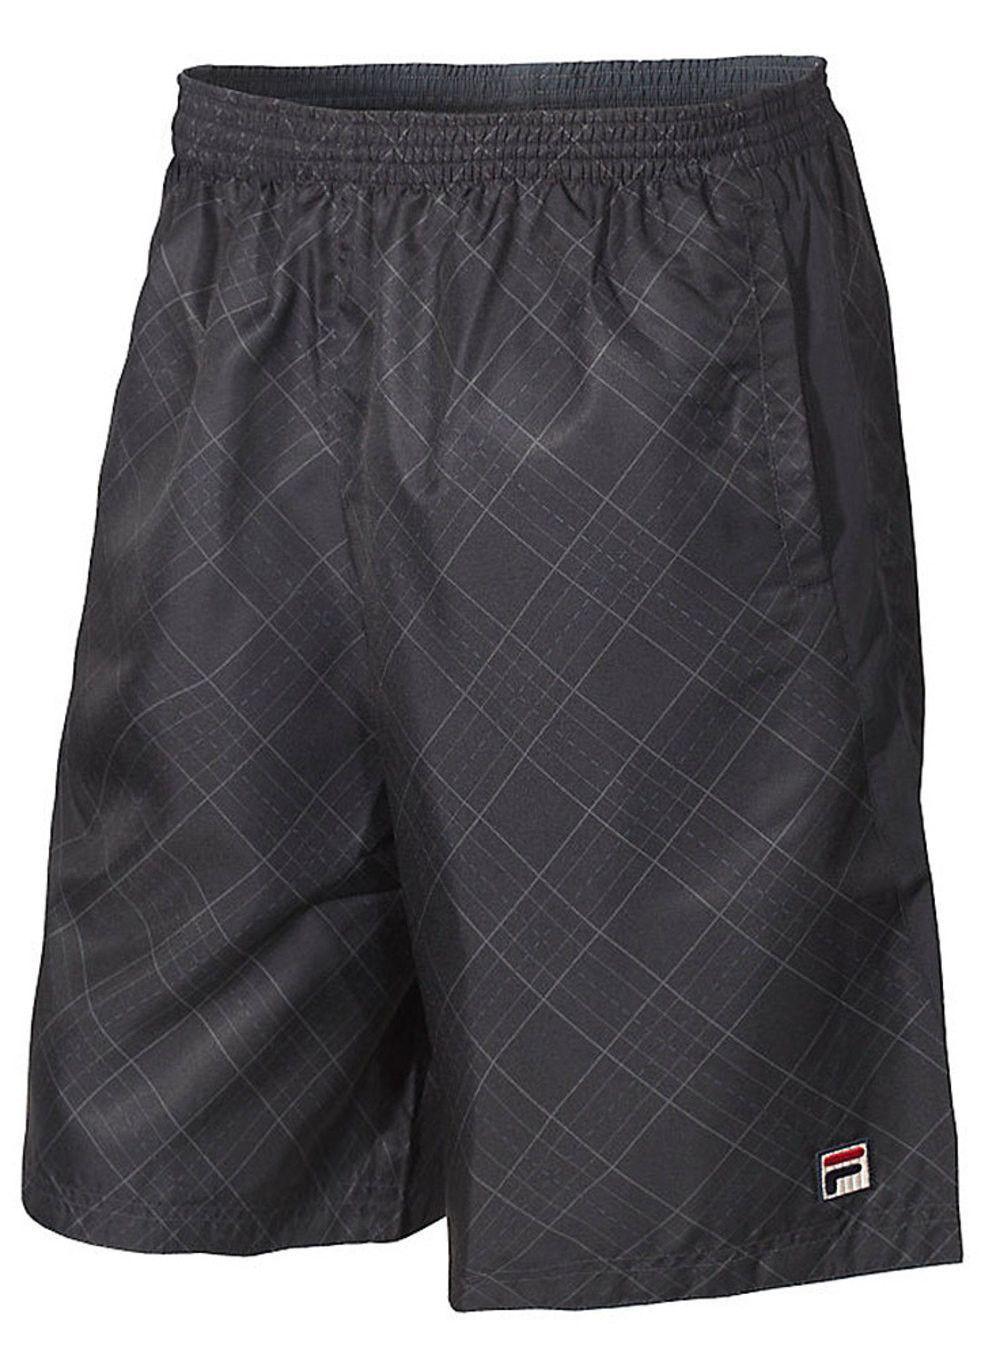 Doubles Reversible Shorts